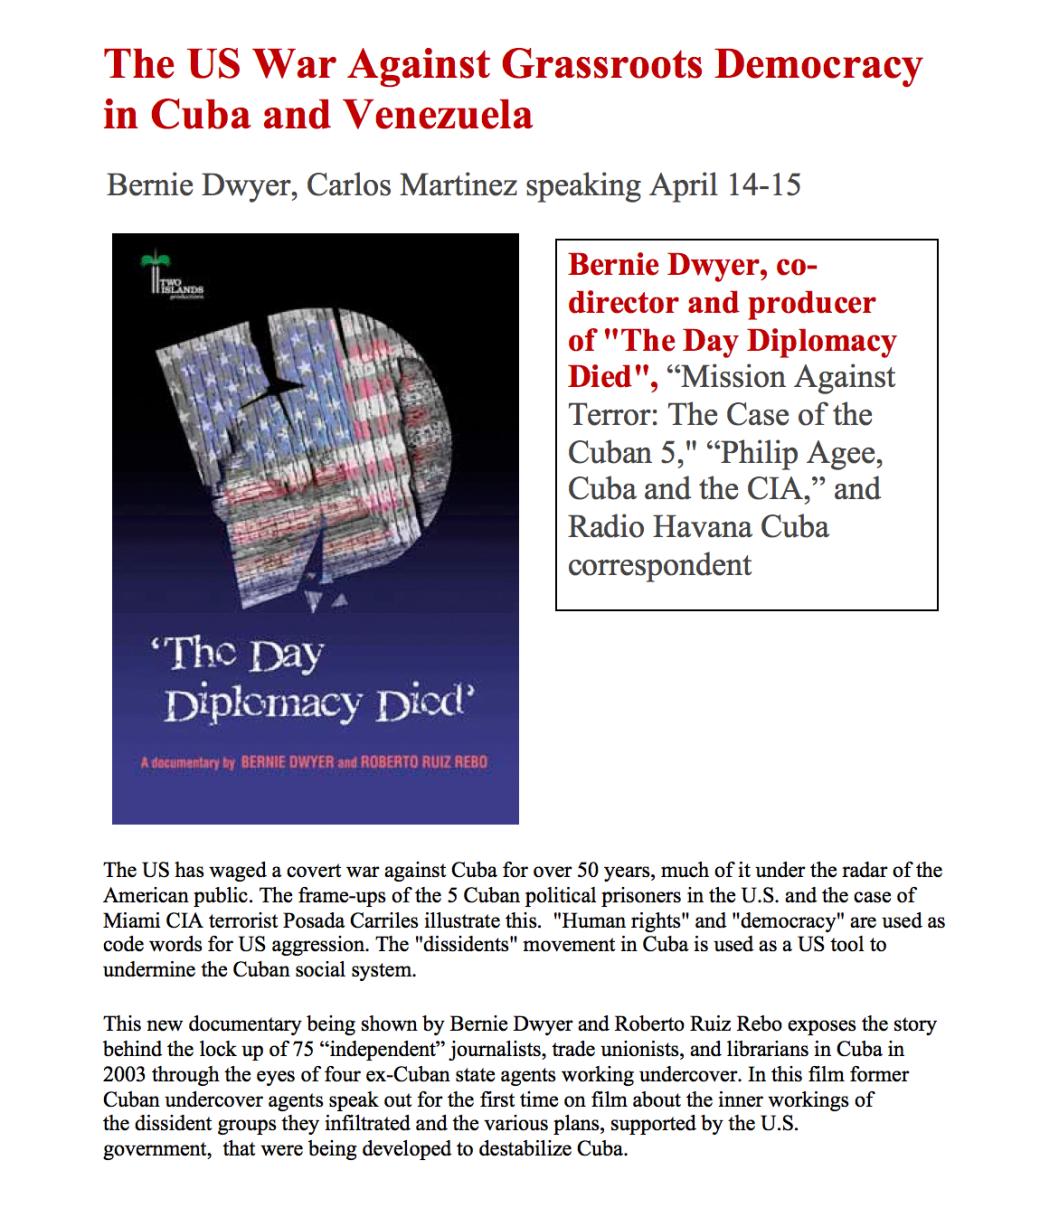 alba-april-14-15-2011-cuba-and-venezuela-part-1-2